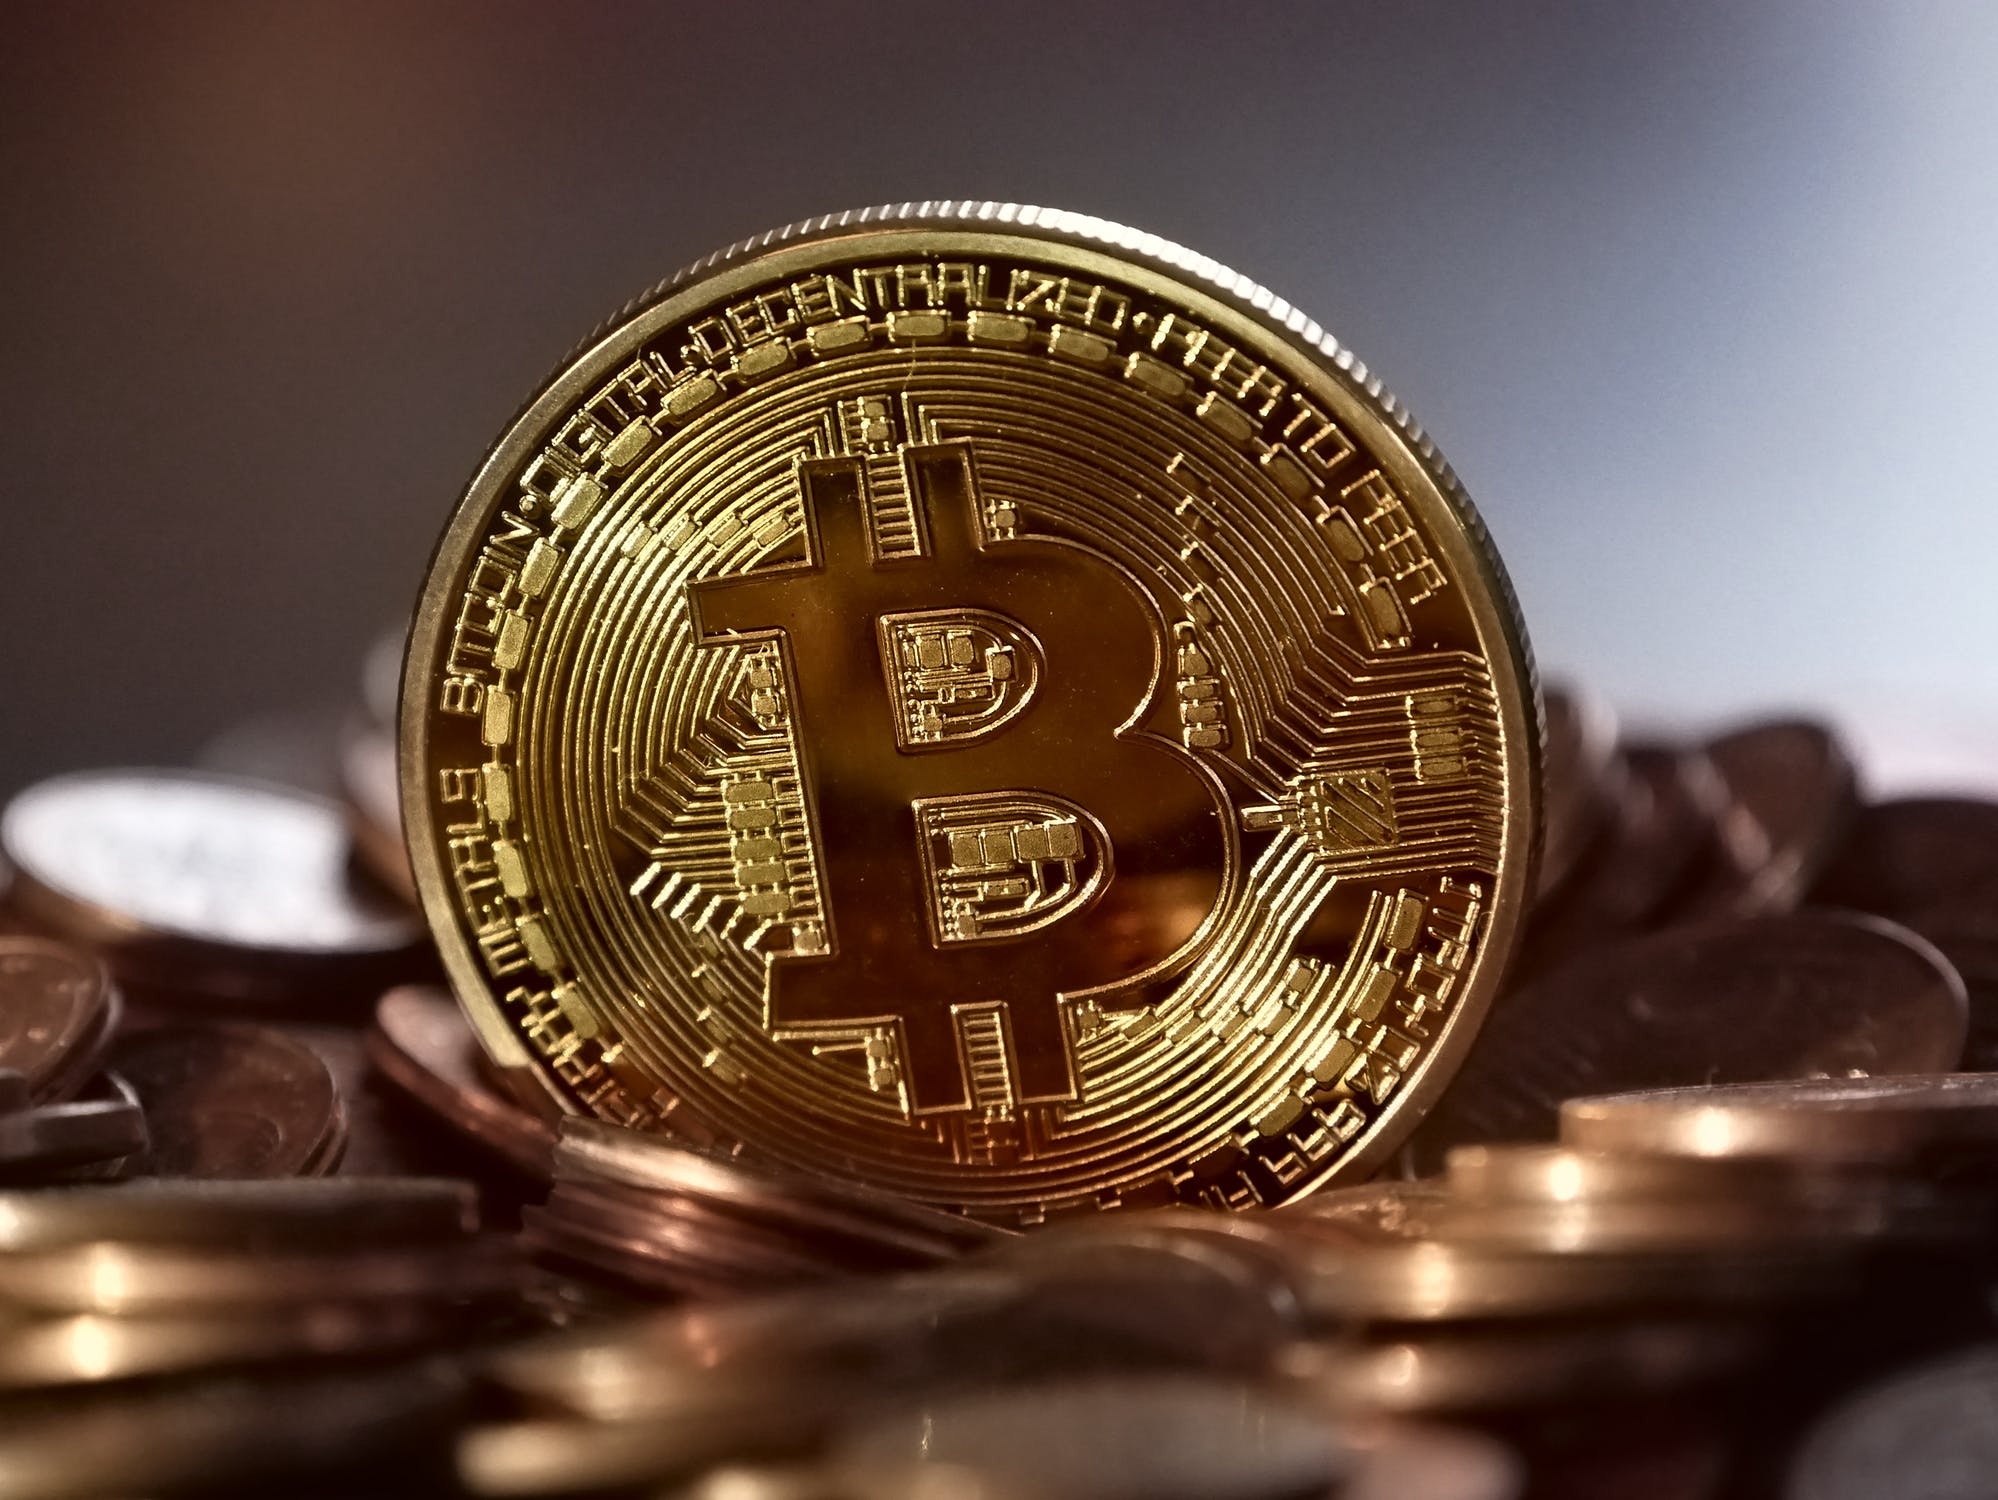 Aan de slag met cryptovaluta: kies je voor een gevestigde naam of een opkomende munt?